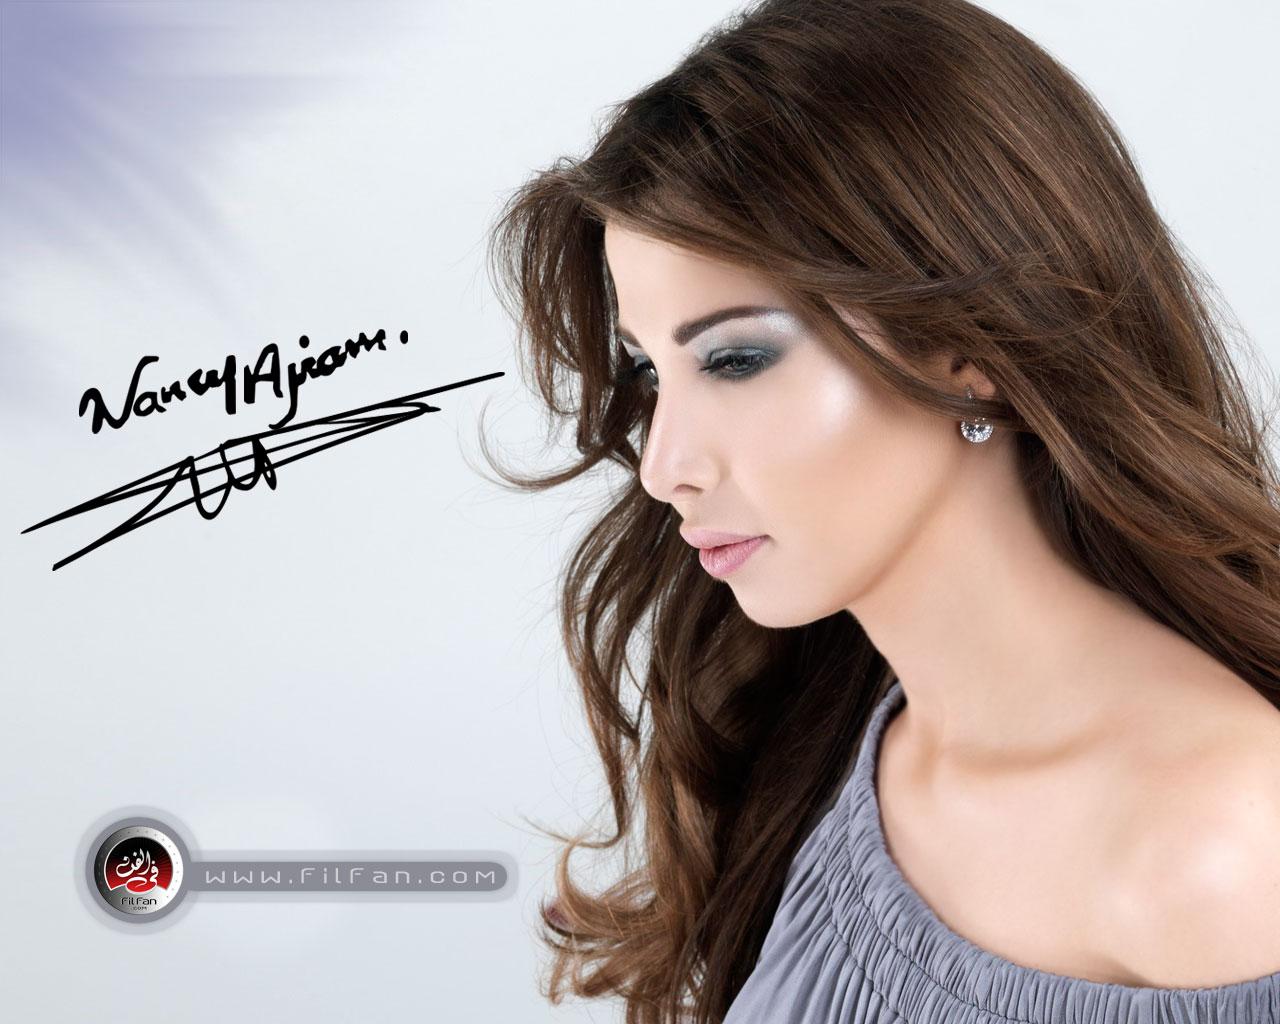 http://4.bp.blogspot.com/-xjdrzwQV2YI/T5gcVmCgitI/AAAAAAAABsk/pErdAedLacw/s1600/nancy-ajram.jpg